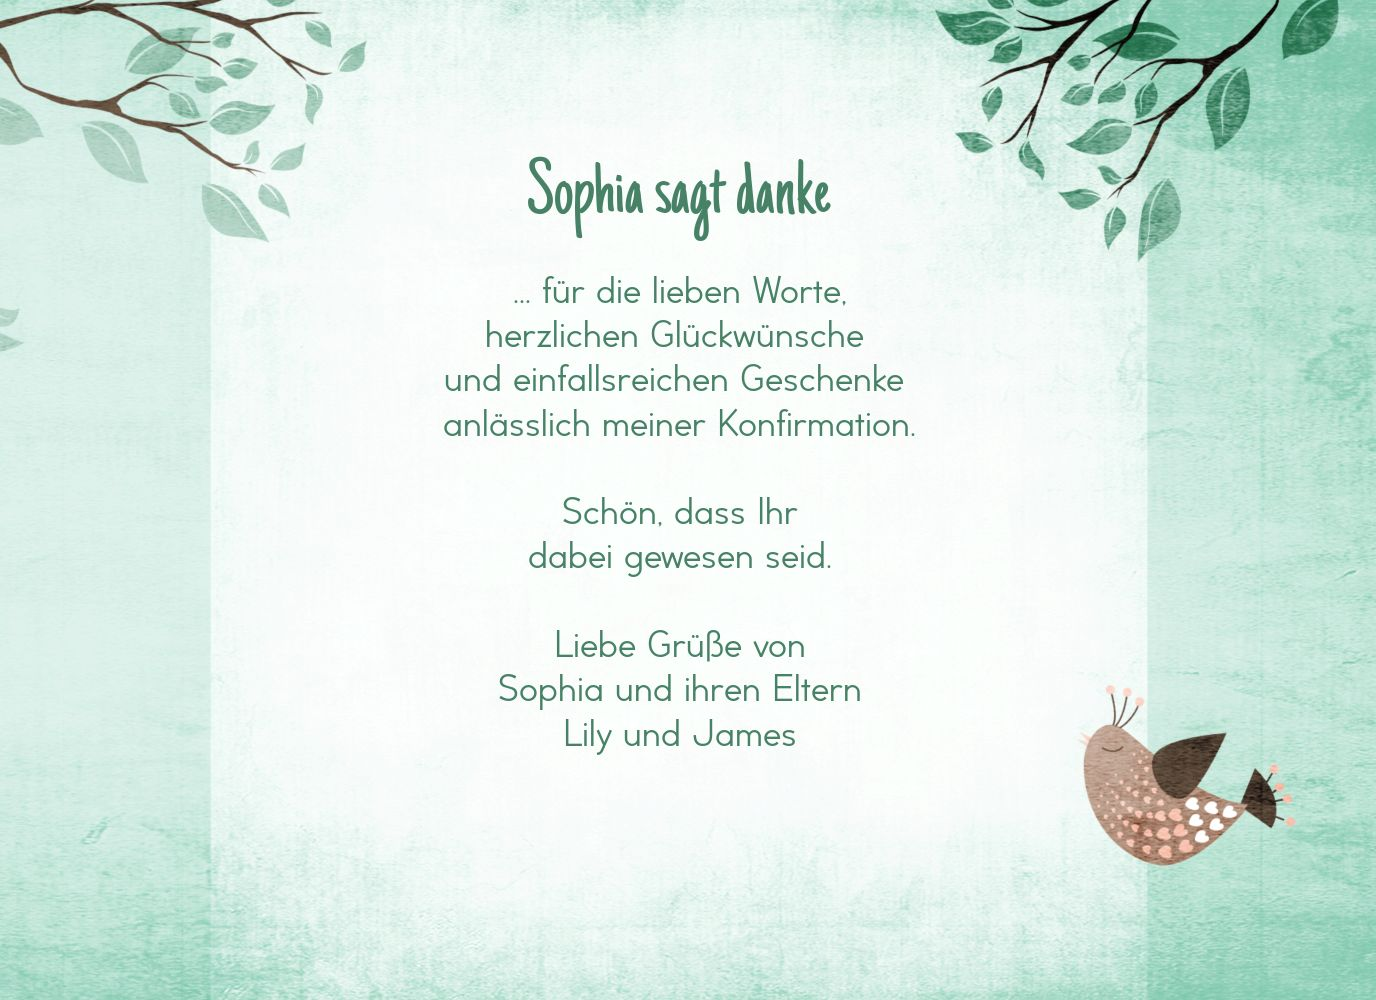 Ansicht 5 - Konfirmation Dankeskarte Vögelchen